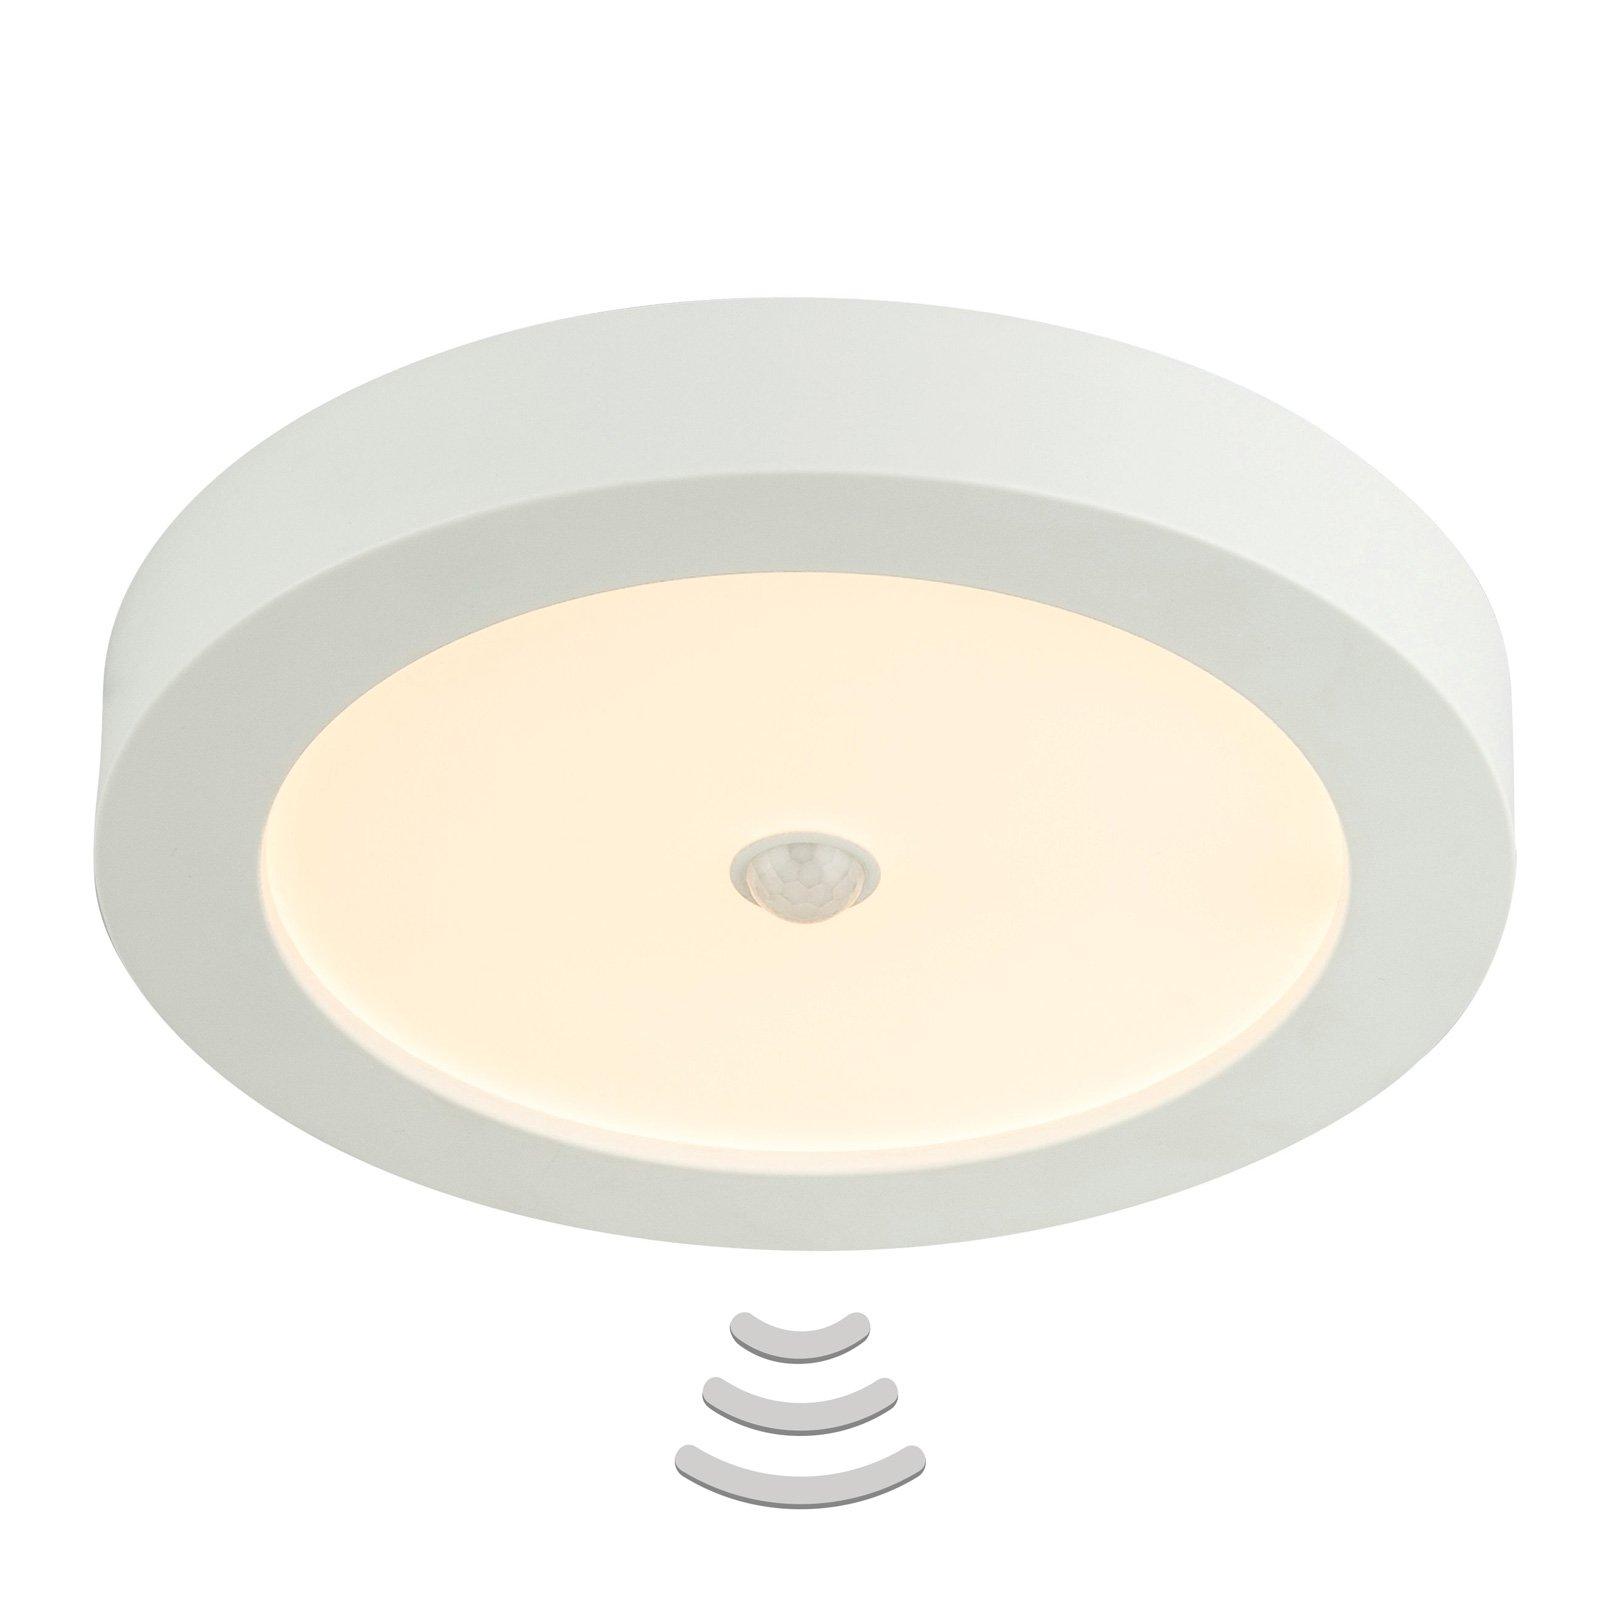 LED-taklampe Paula 18 W med bevegelsessensor